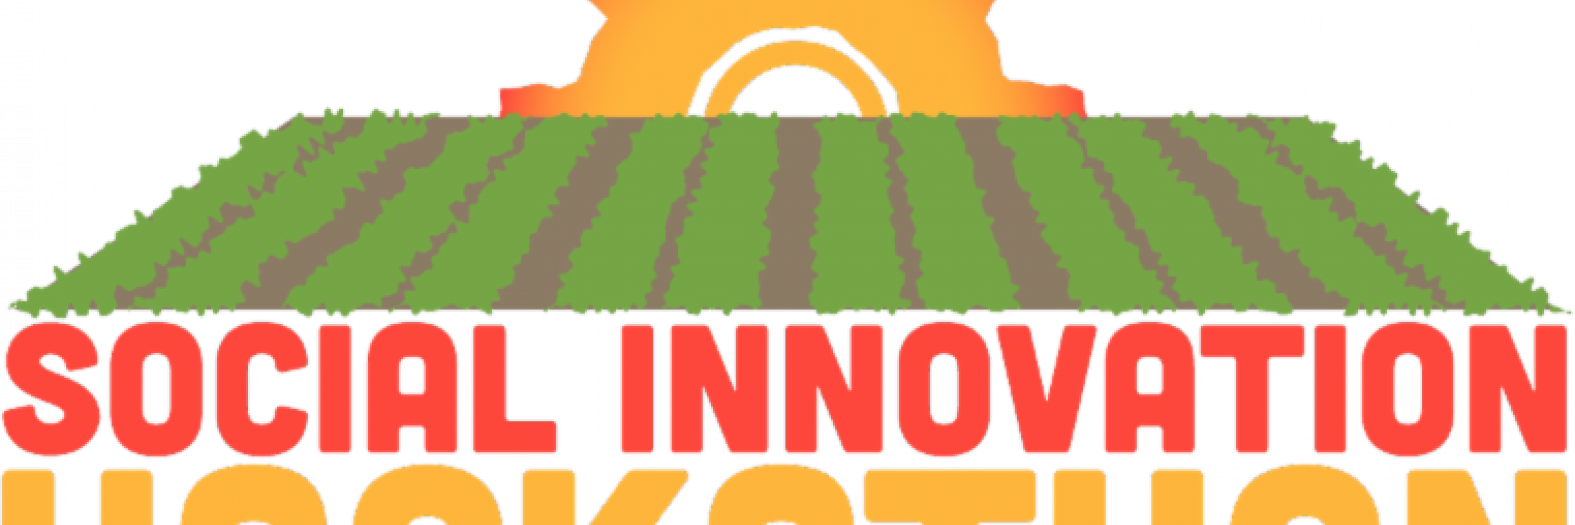 social-innovation-hackathon-banner_0.png